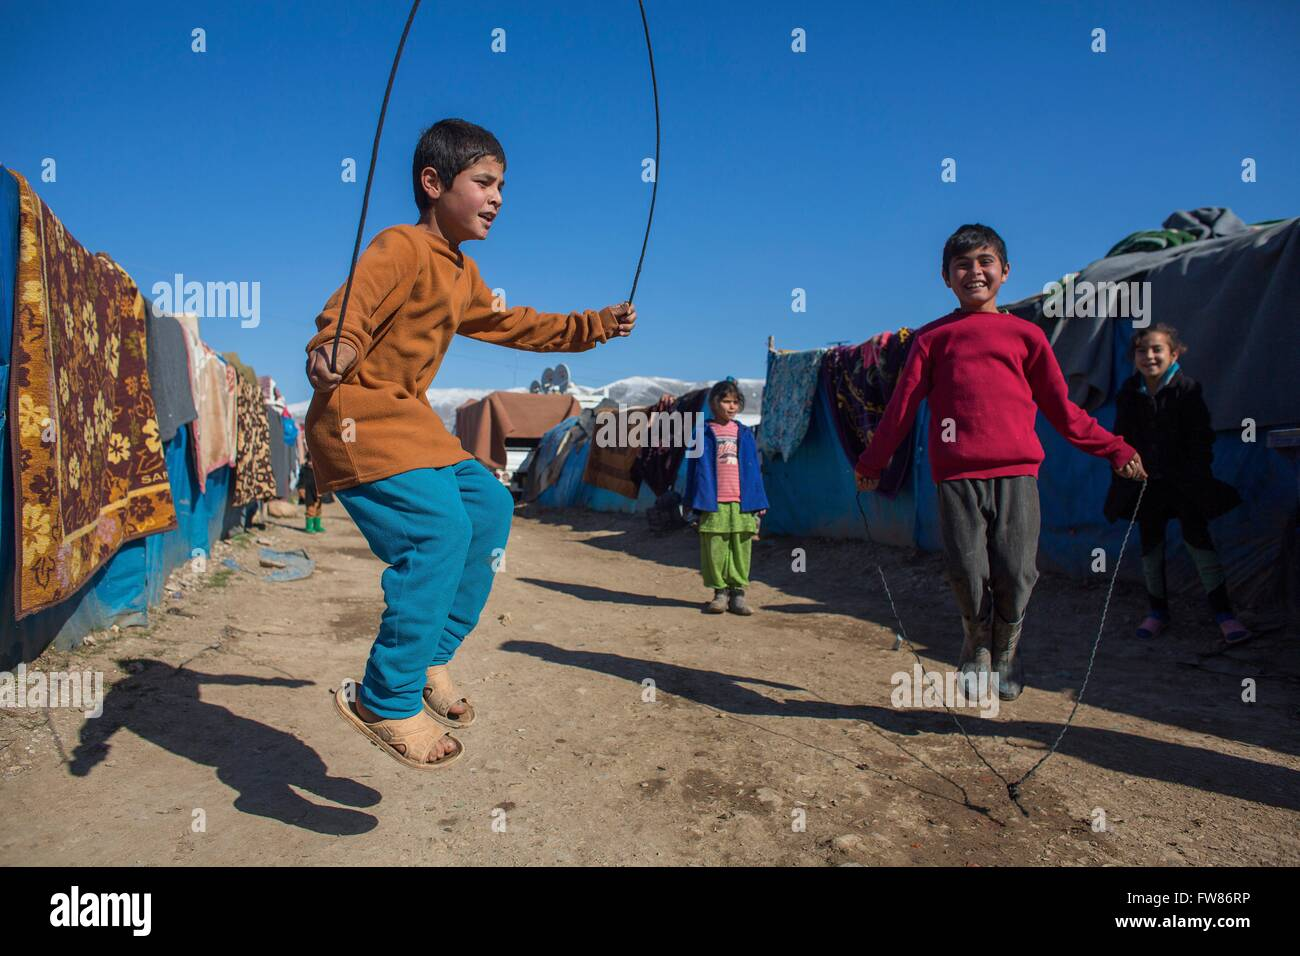 Bambini salto con la corda in un campo di rifugiati in Iraq settentrionale Immagini Stock